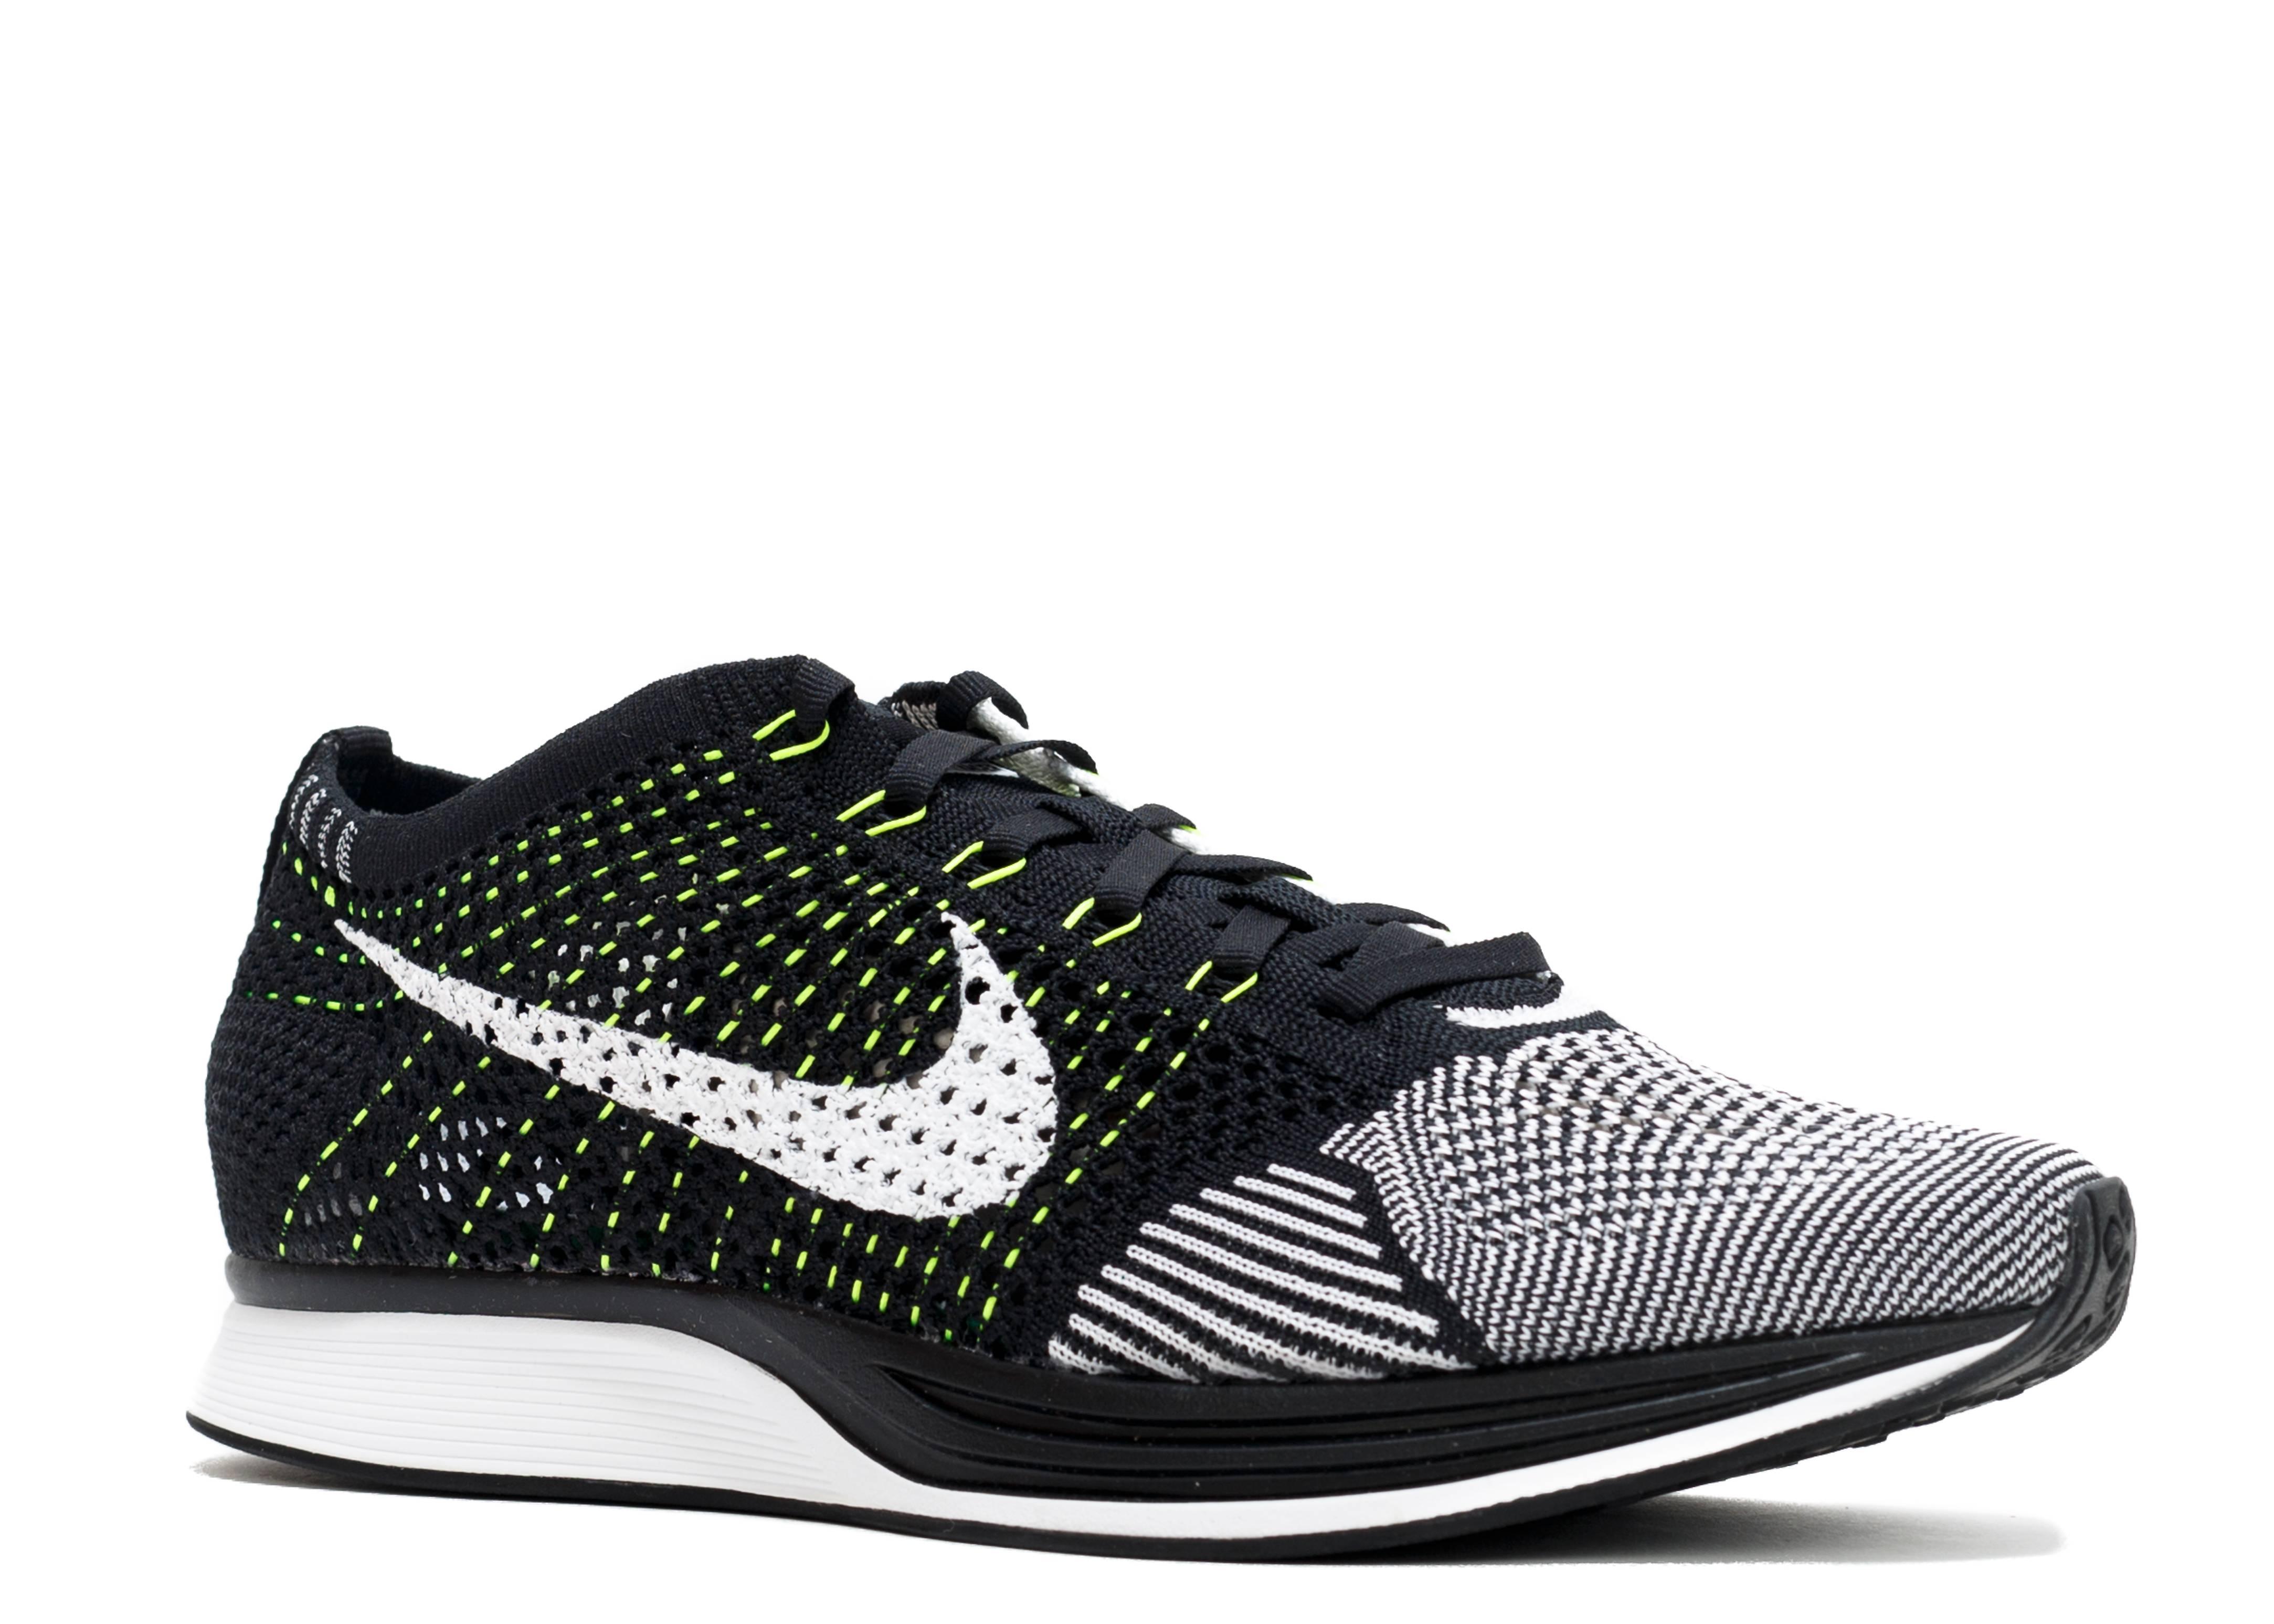 367304756fa88f Nike Flyknit Racer Neon Knit Pants Black